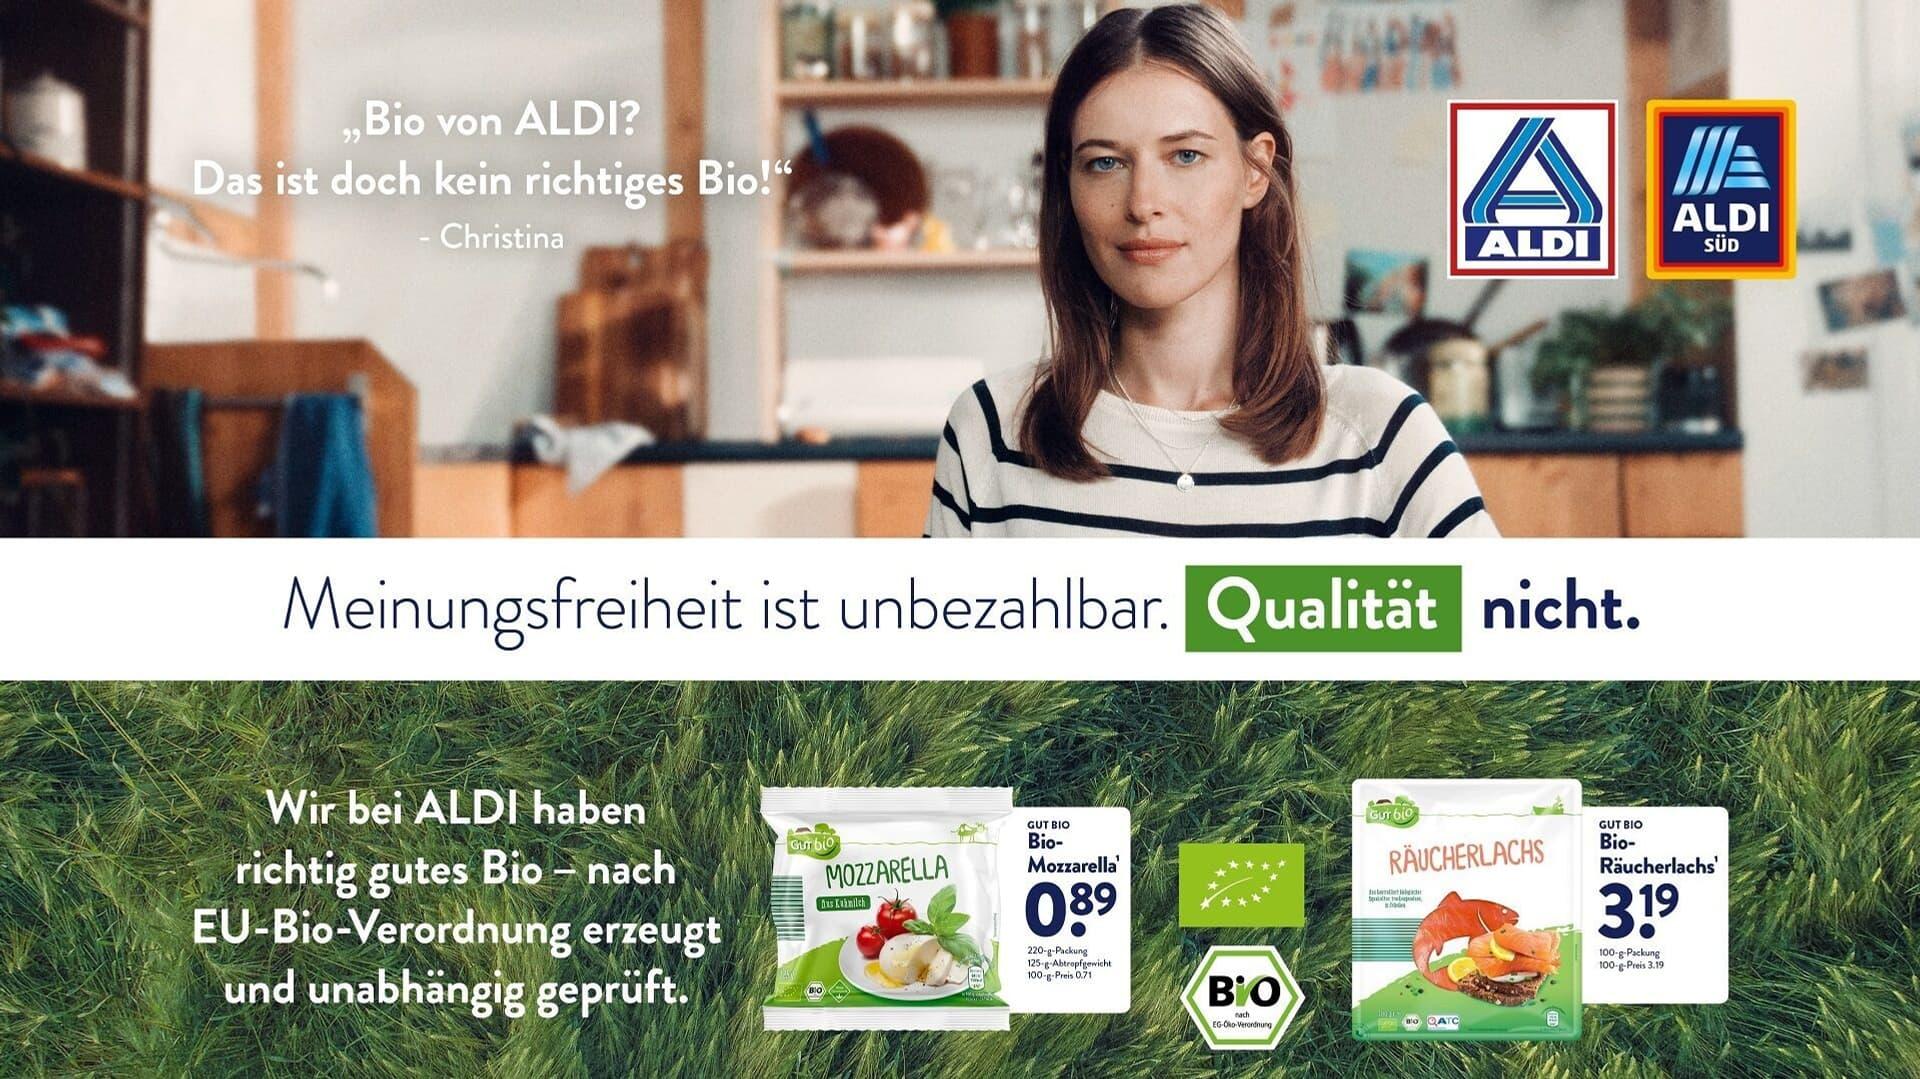 Werbeplakat der Aldi Qualitätskampagne